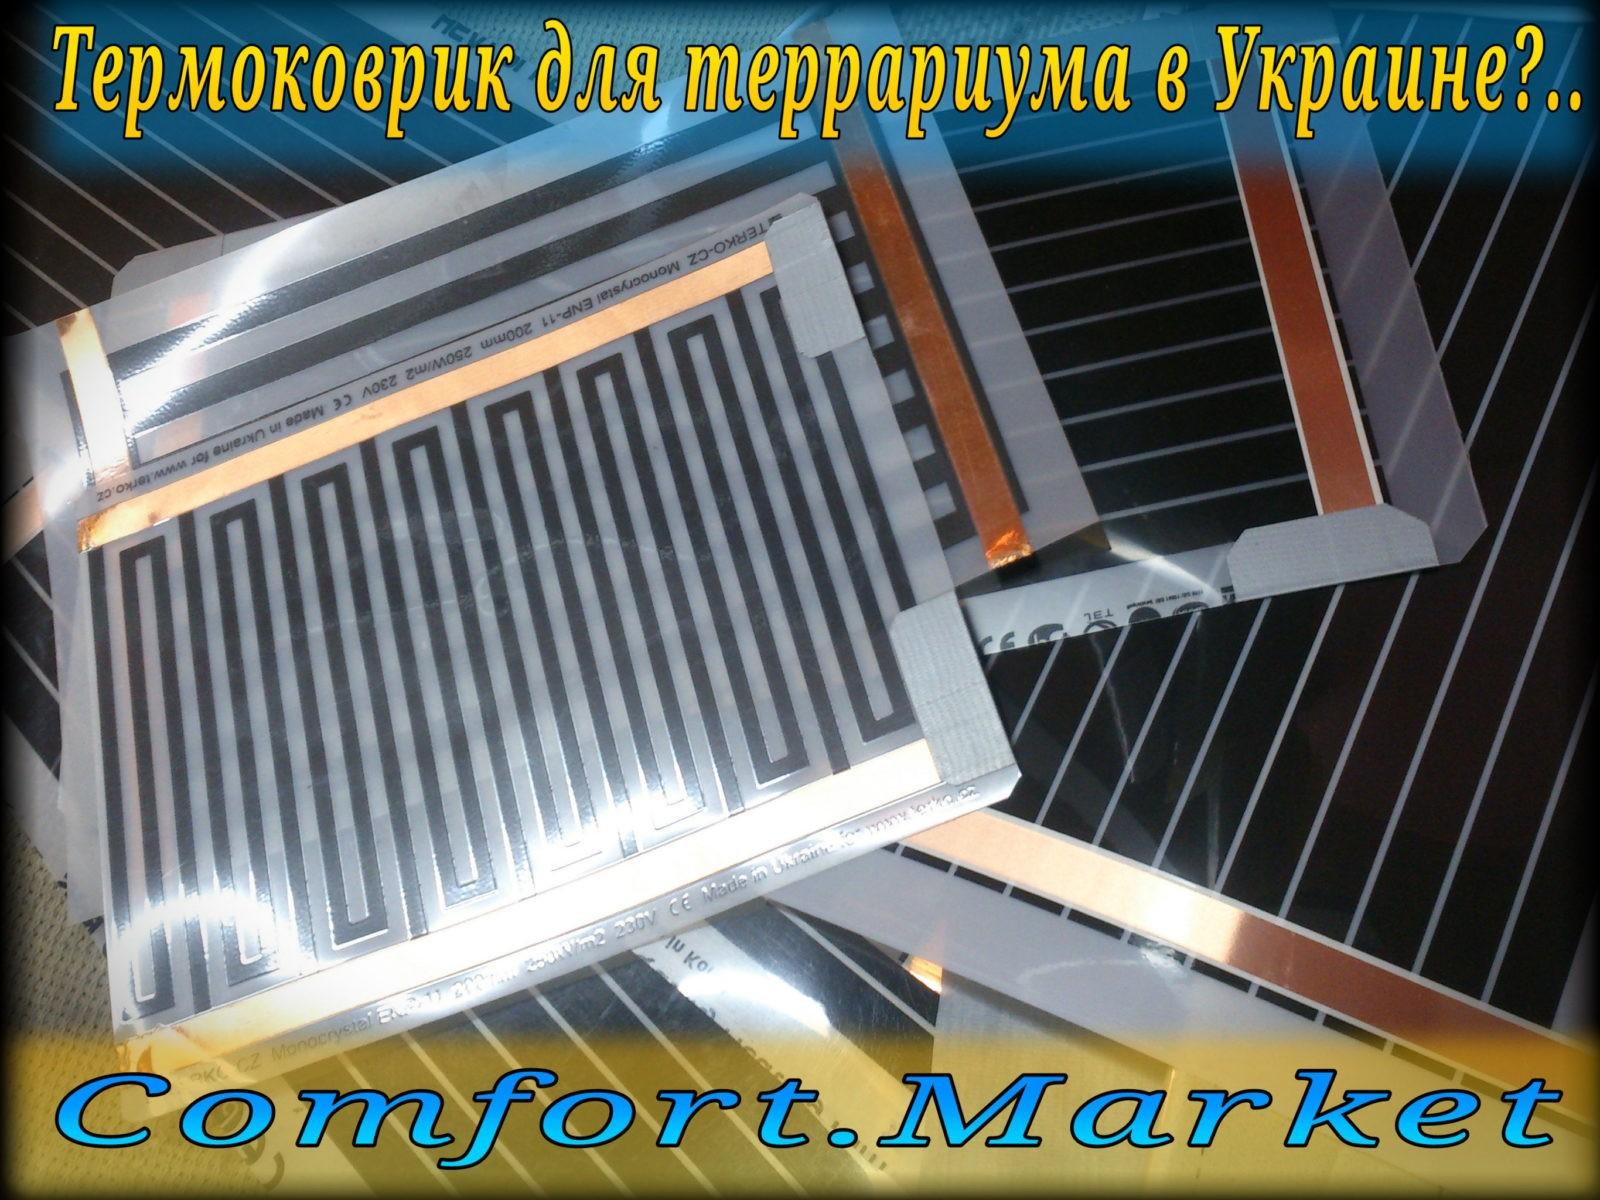 Теплый коврик для обогрева террариума - купить недорого в магазине Comfort Market